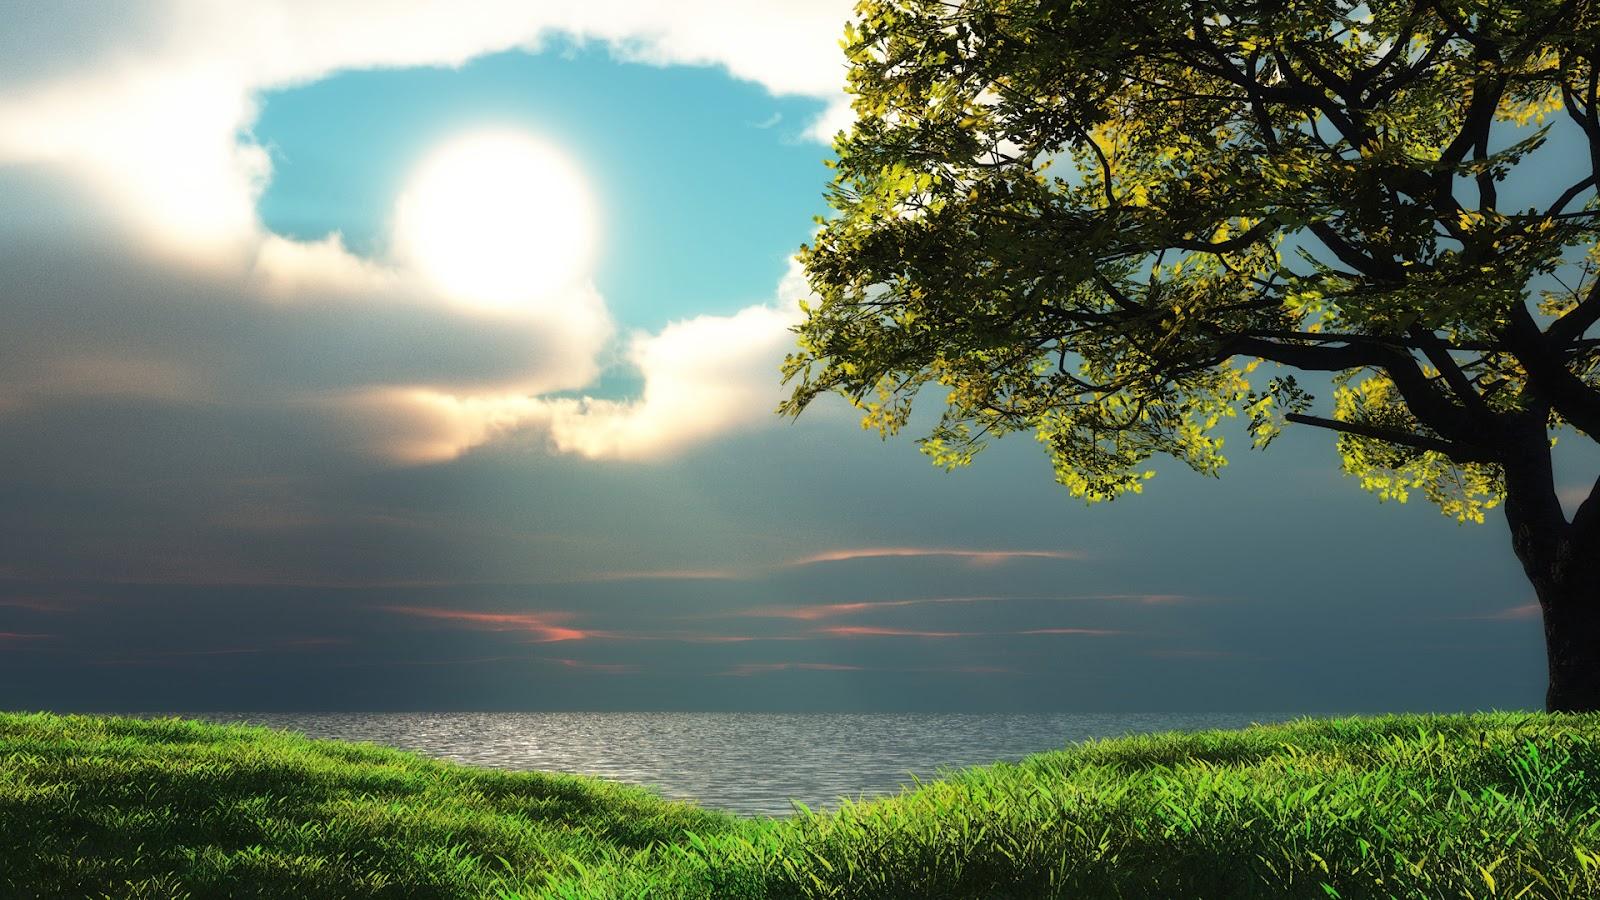 http://2.bp.blogspot.com/-HROIqBef8ak/UEhiSXZuX5I/AAAAAAAABCA/vmqPFx6iPmw/s1600/natural-national-geographic-full-HD-nature-background-wallpaper-for-laptop-widescreen.jpg